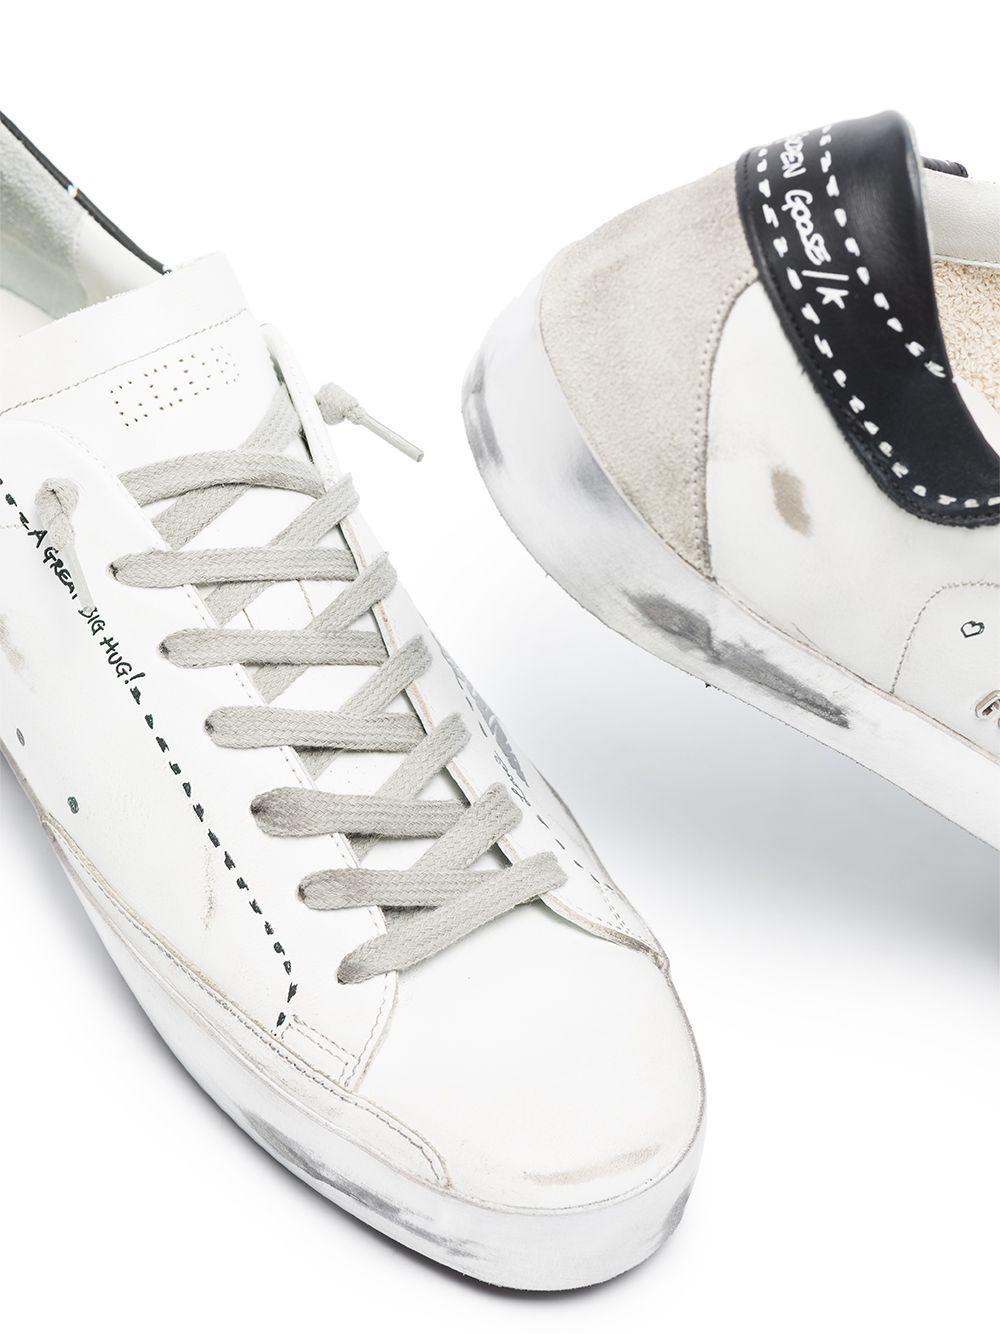 Picture of Golden Goose Deluxe Brand   Superstar Low-Top Sneakers